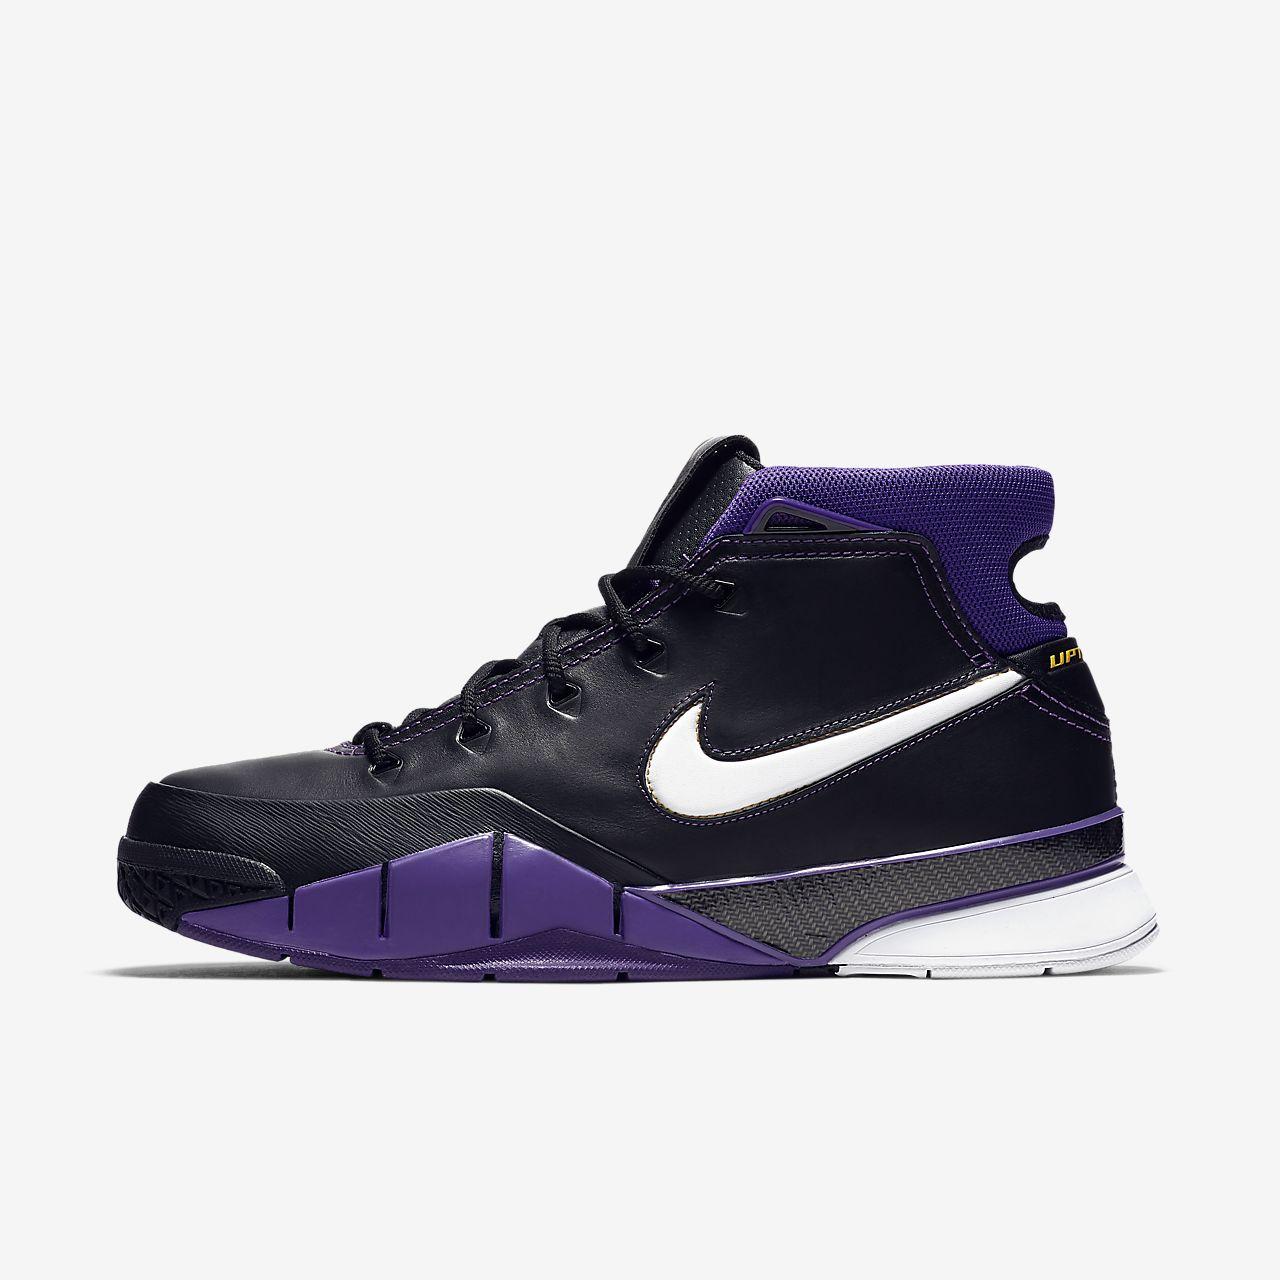 Kobe 1 Protro Basketbol Ayakkabısı